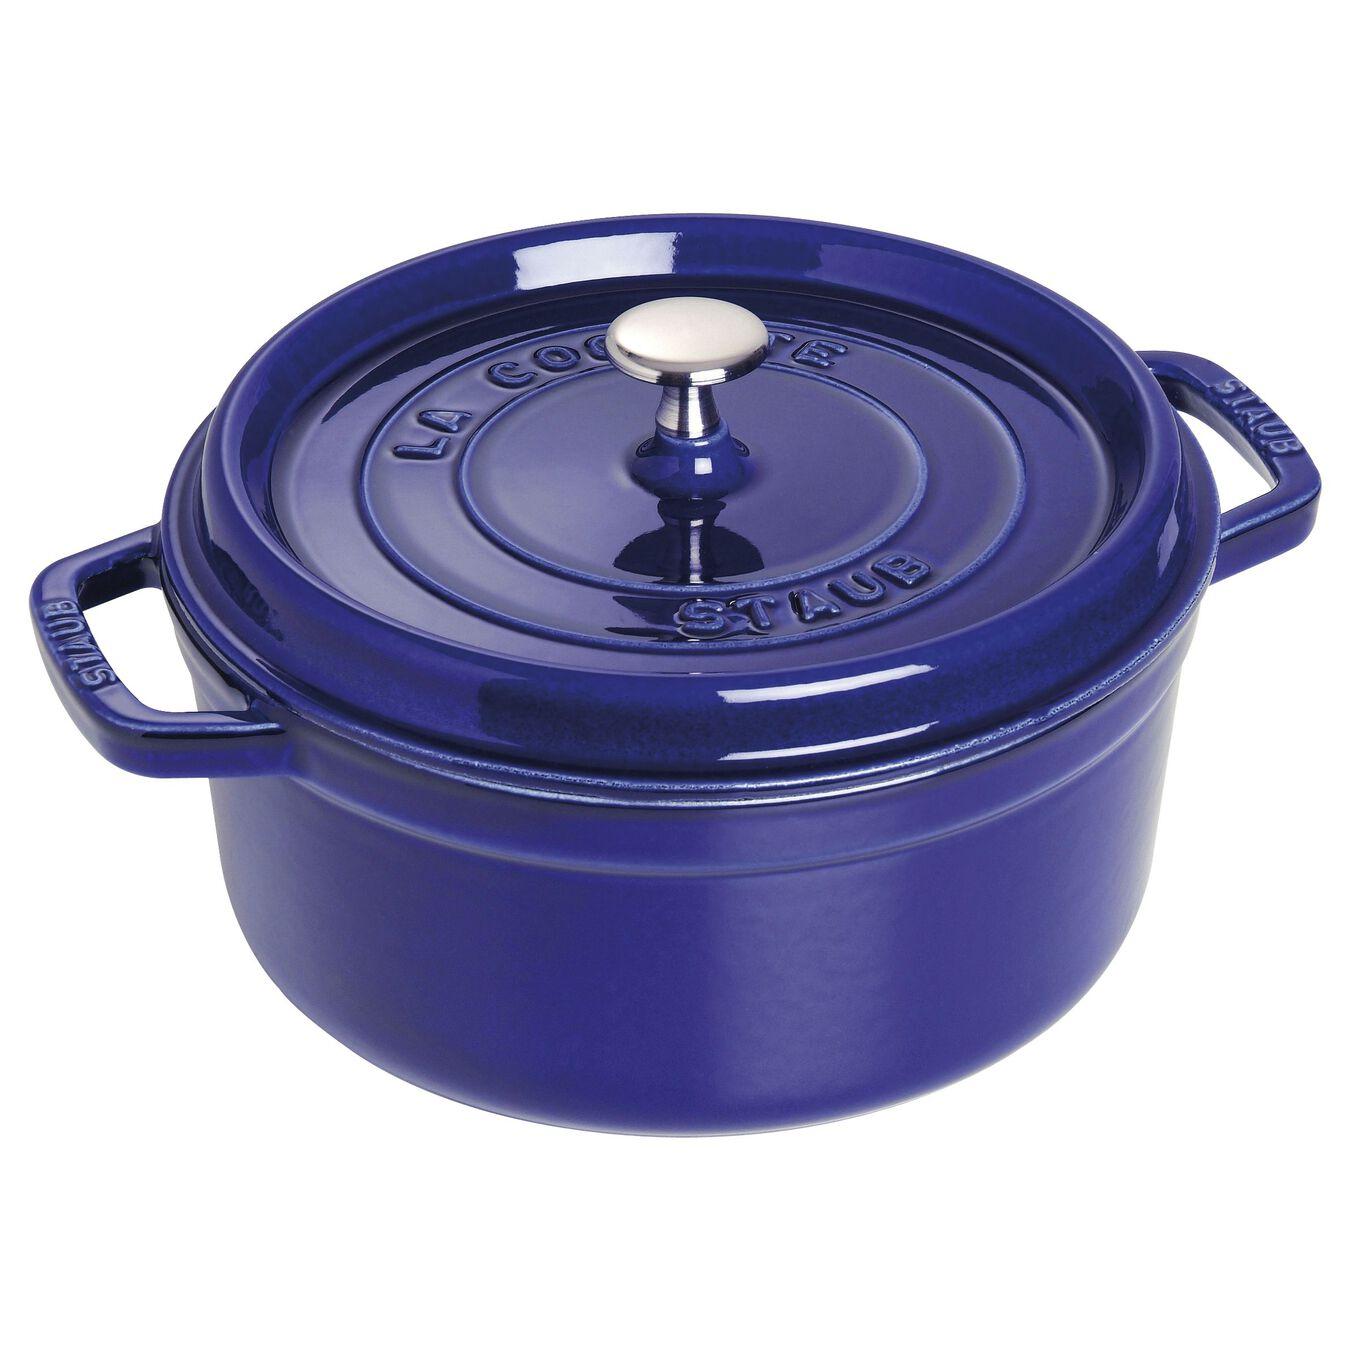 Cocotte 26 cm, Rond(e), Bleu intense, Fonte,,large 1